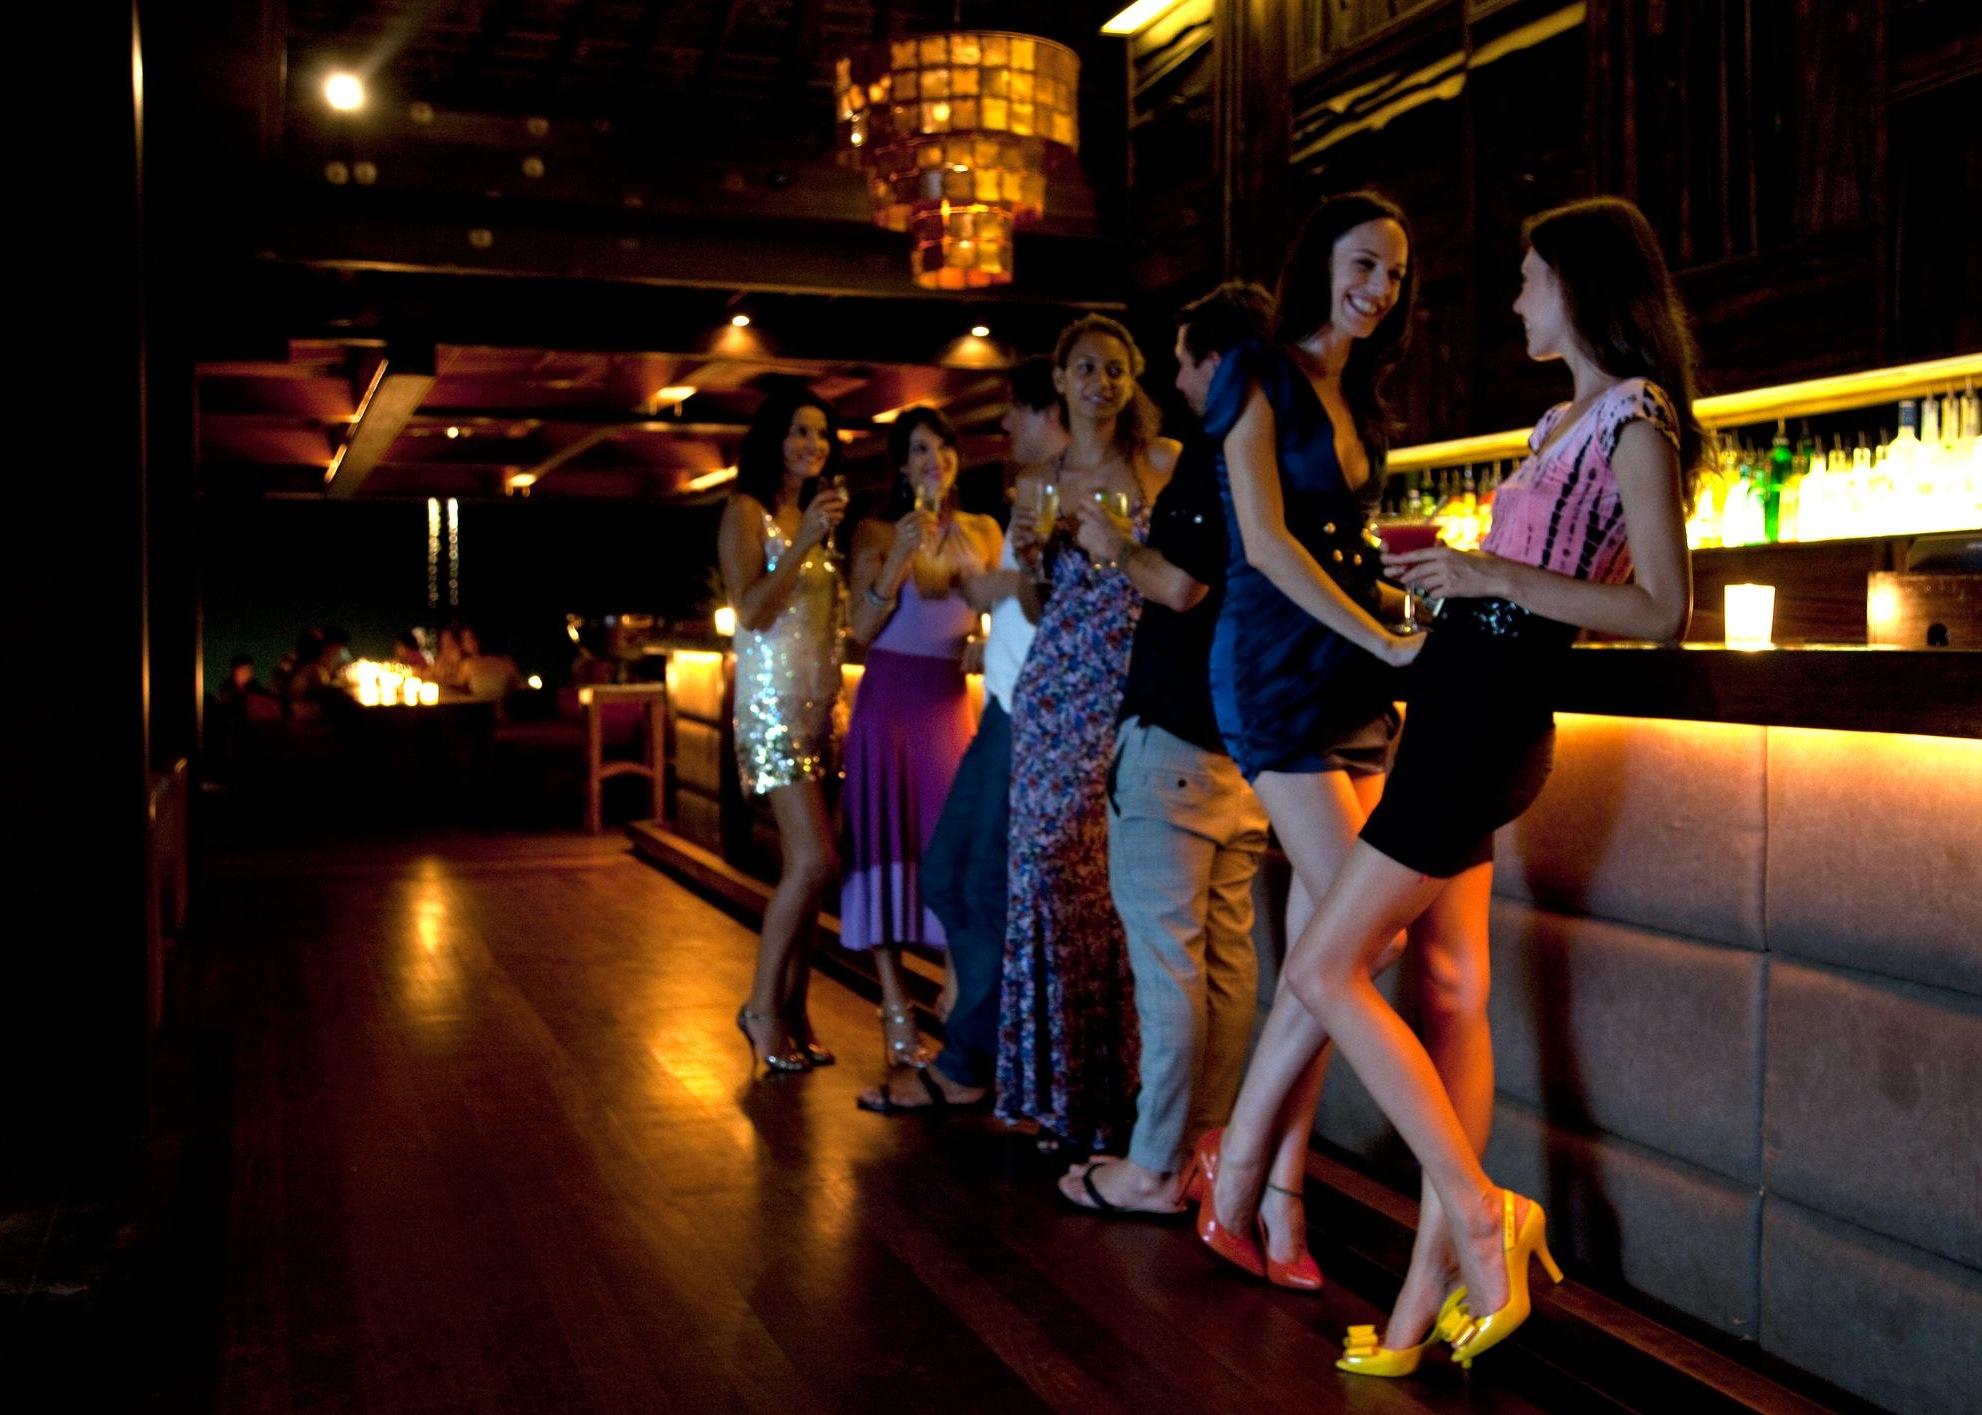 девушки у барной стойки